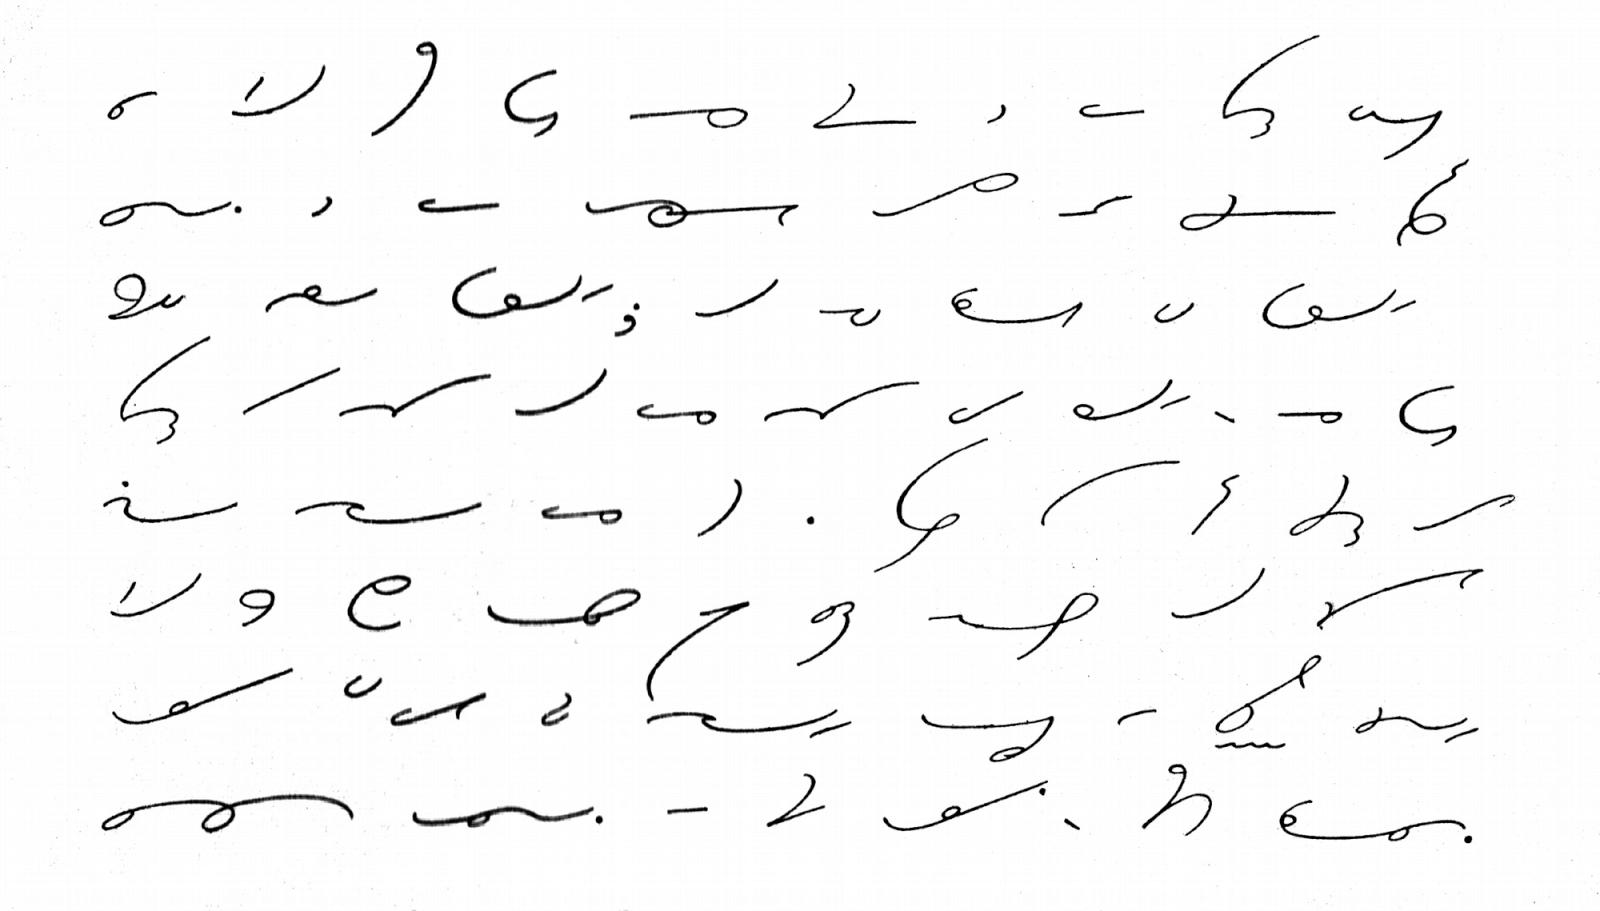 Стенография: как освоить алфавит, кому нужен навык скорописи